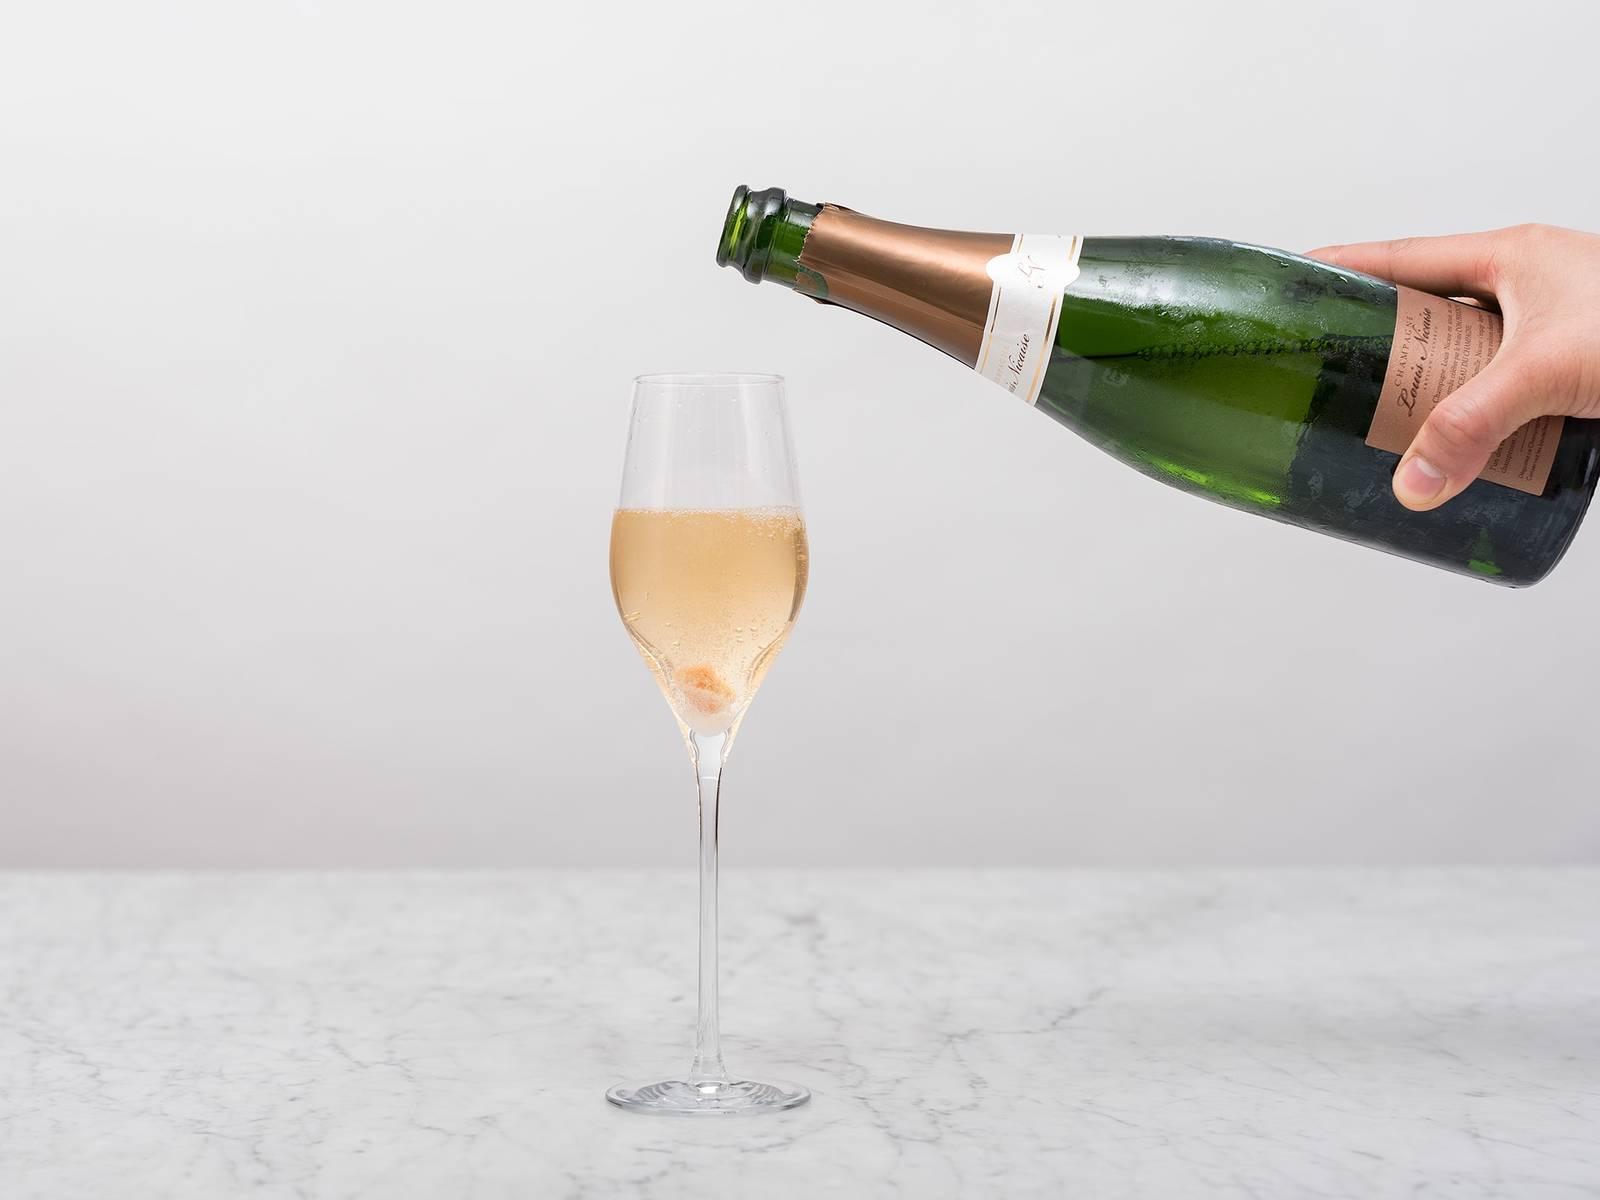 将糖放到杯中,倒满香槟。